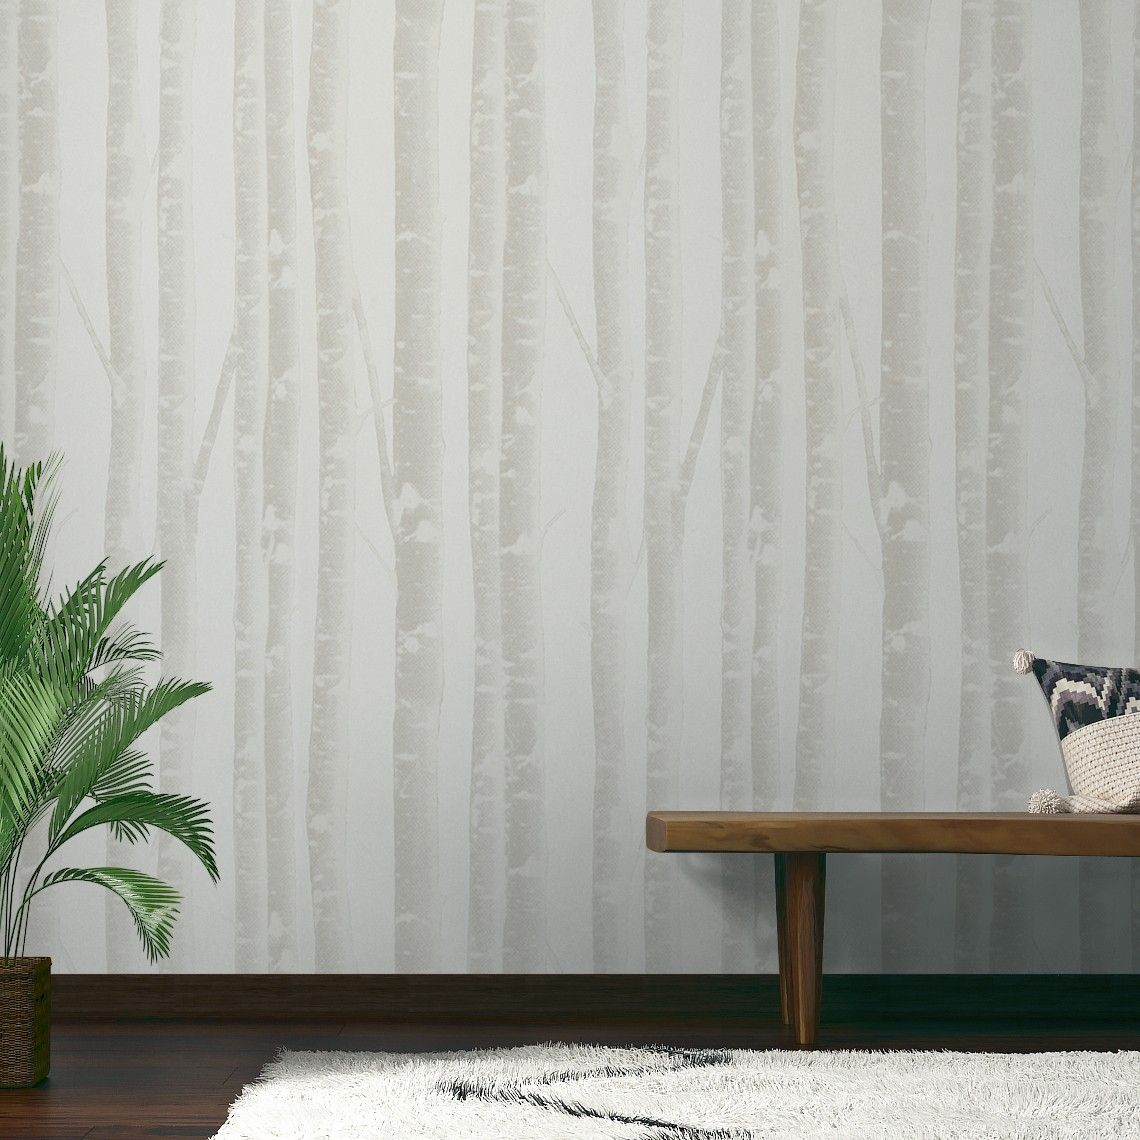 papier peint charly 100 intiss motif troncs d 39 arbre greige maison keket pinterest. Black Bedroom Furniture Sets. Home Design Ideas